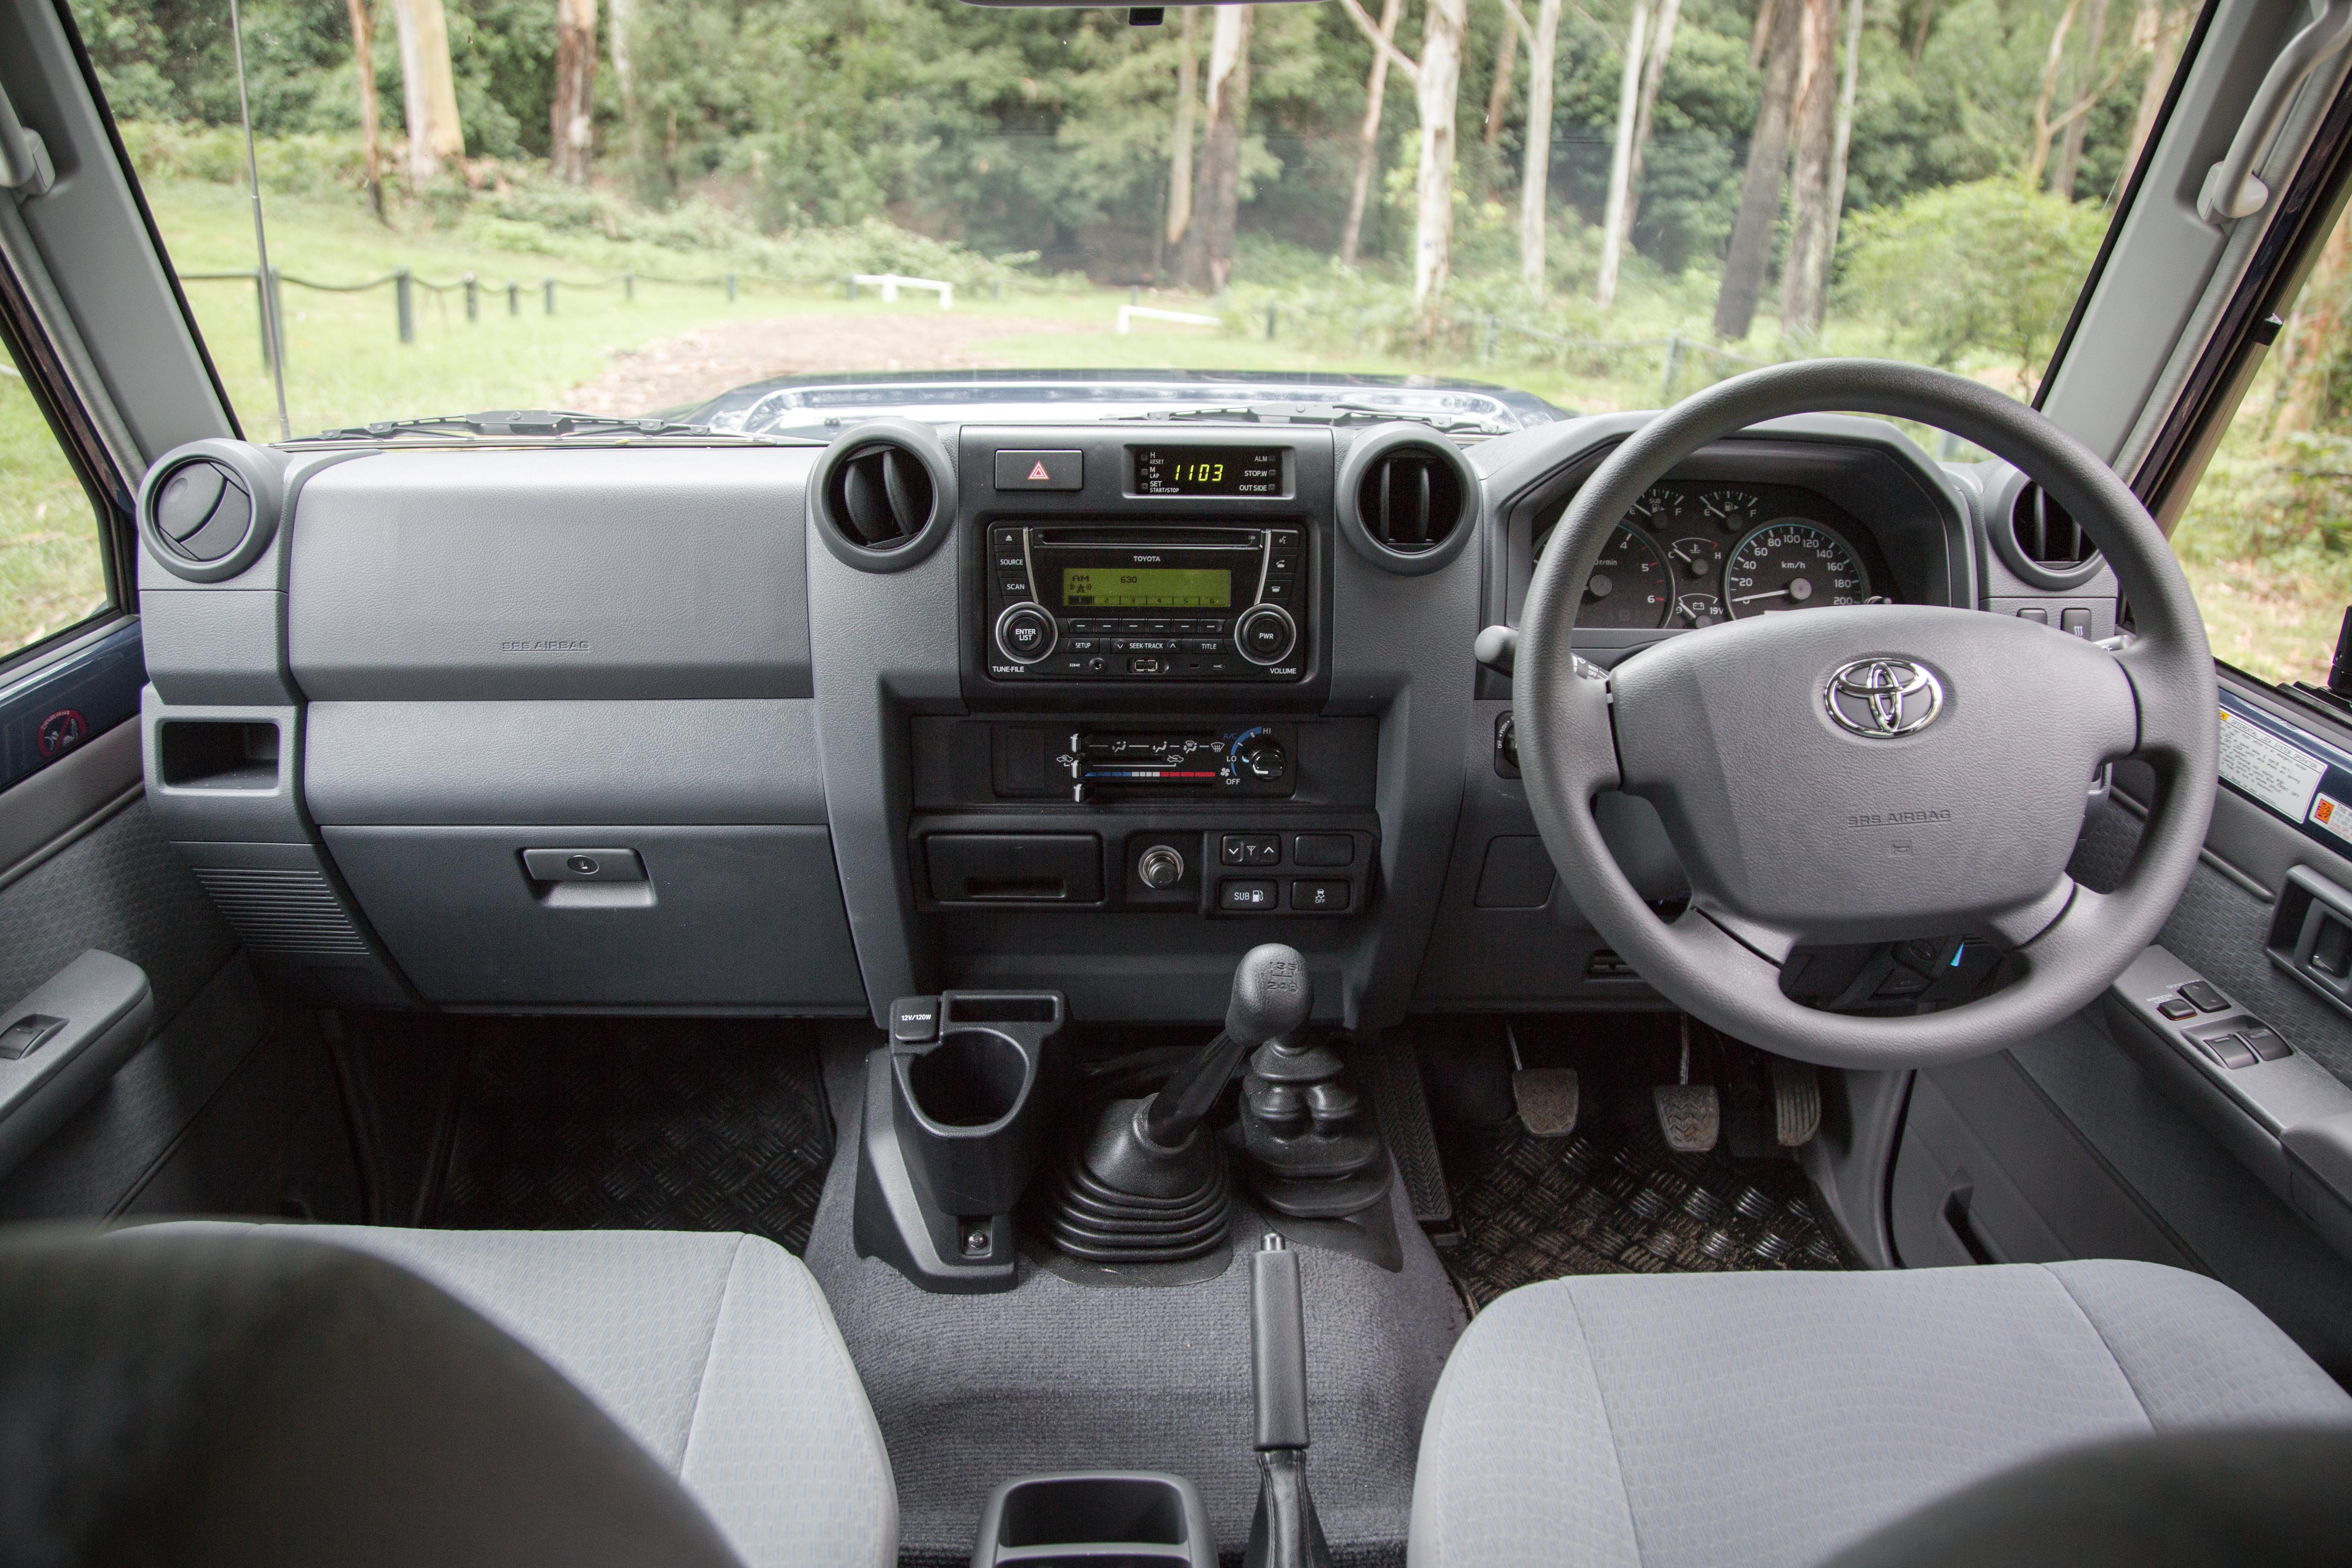 2019 Ford Ranger Raptor v Toyota LandCruiser 78 Series GXL